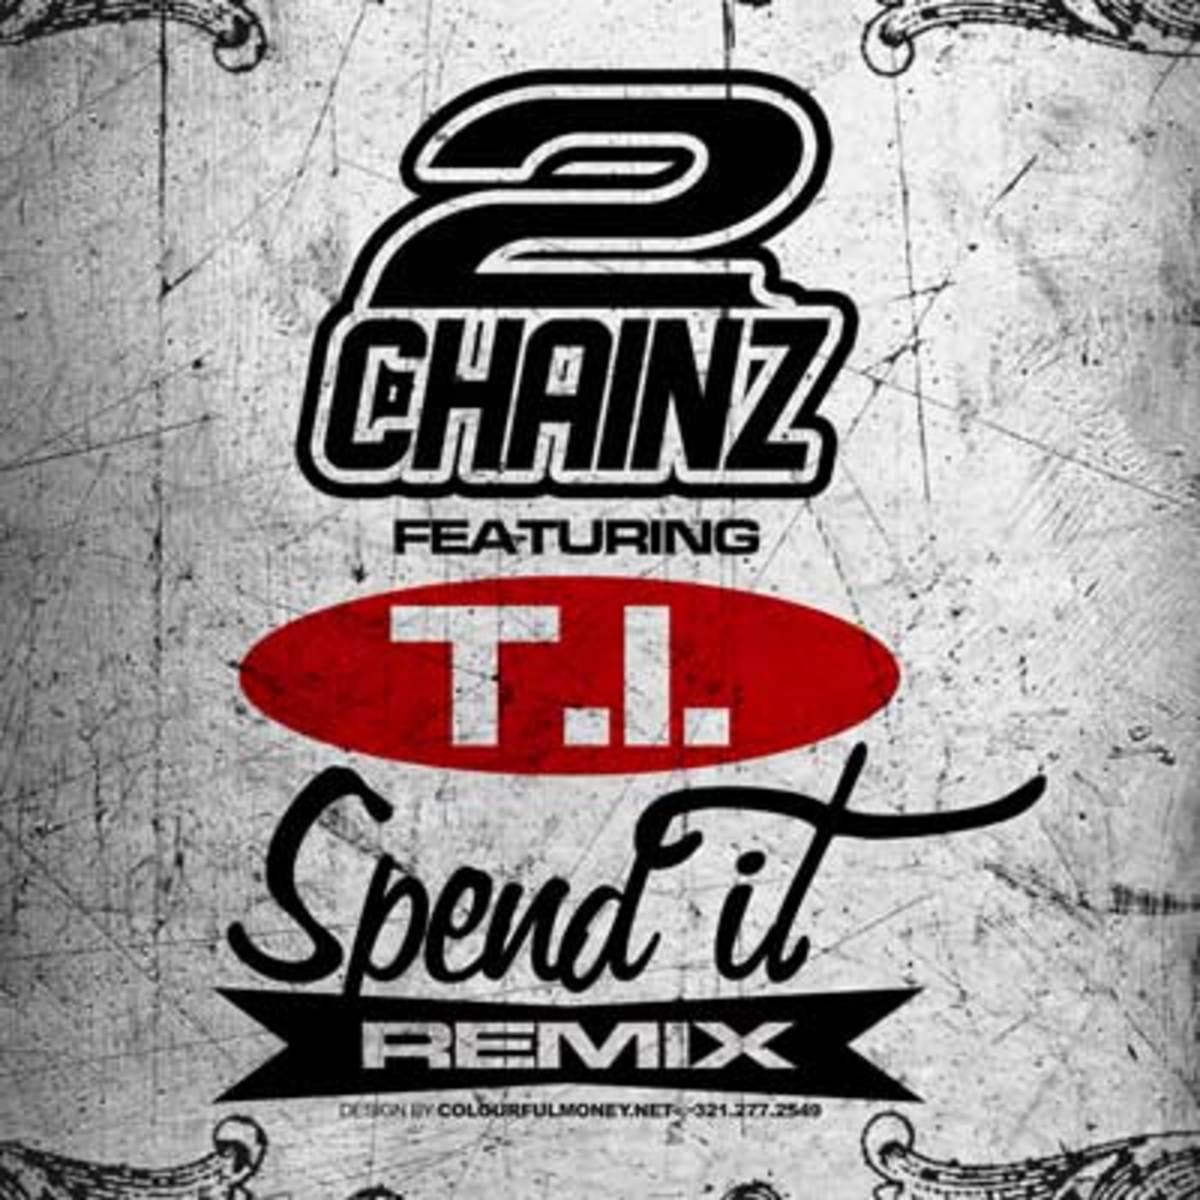 2chainz-spenditrmx.jpg